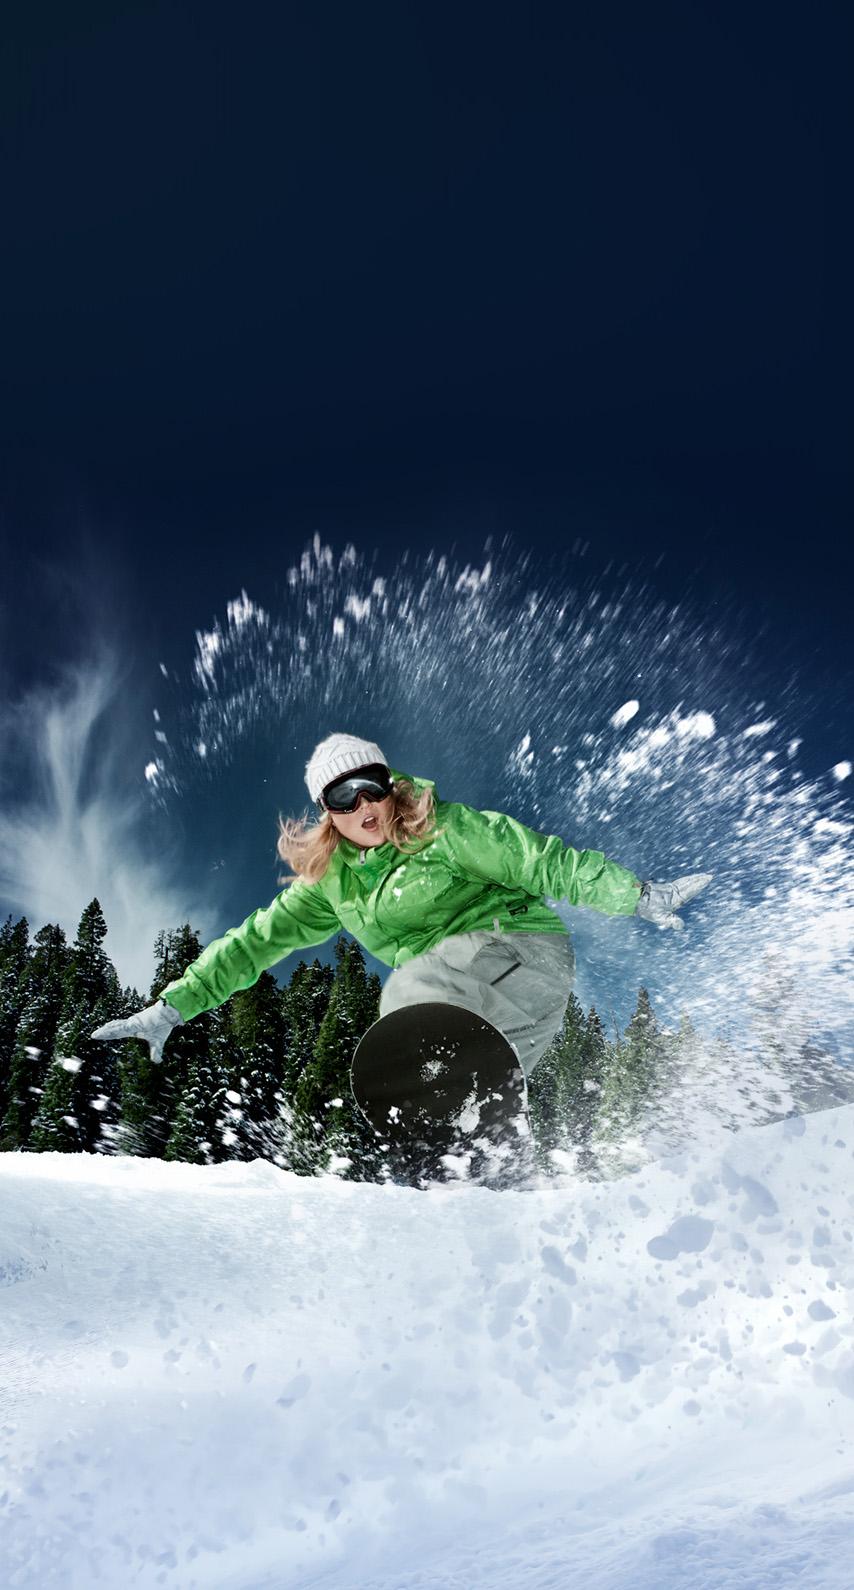 ski resort, ski slope